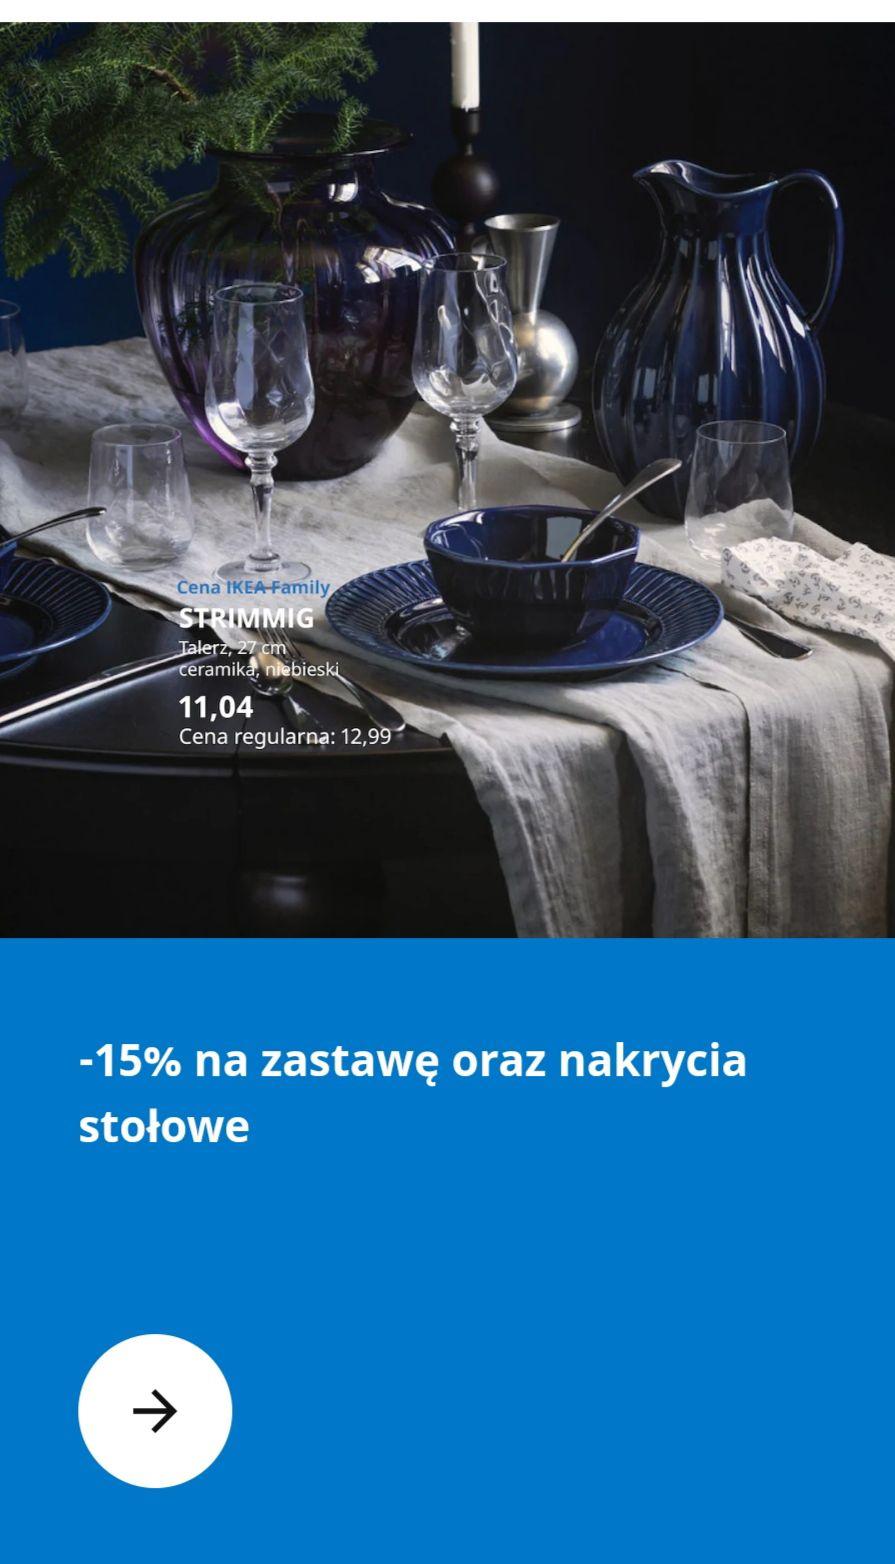 -15% na garnki, patelnie i zastawę stołową